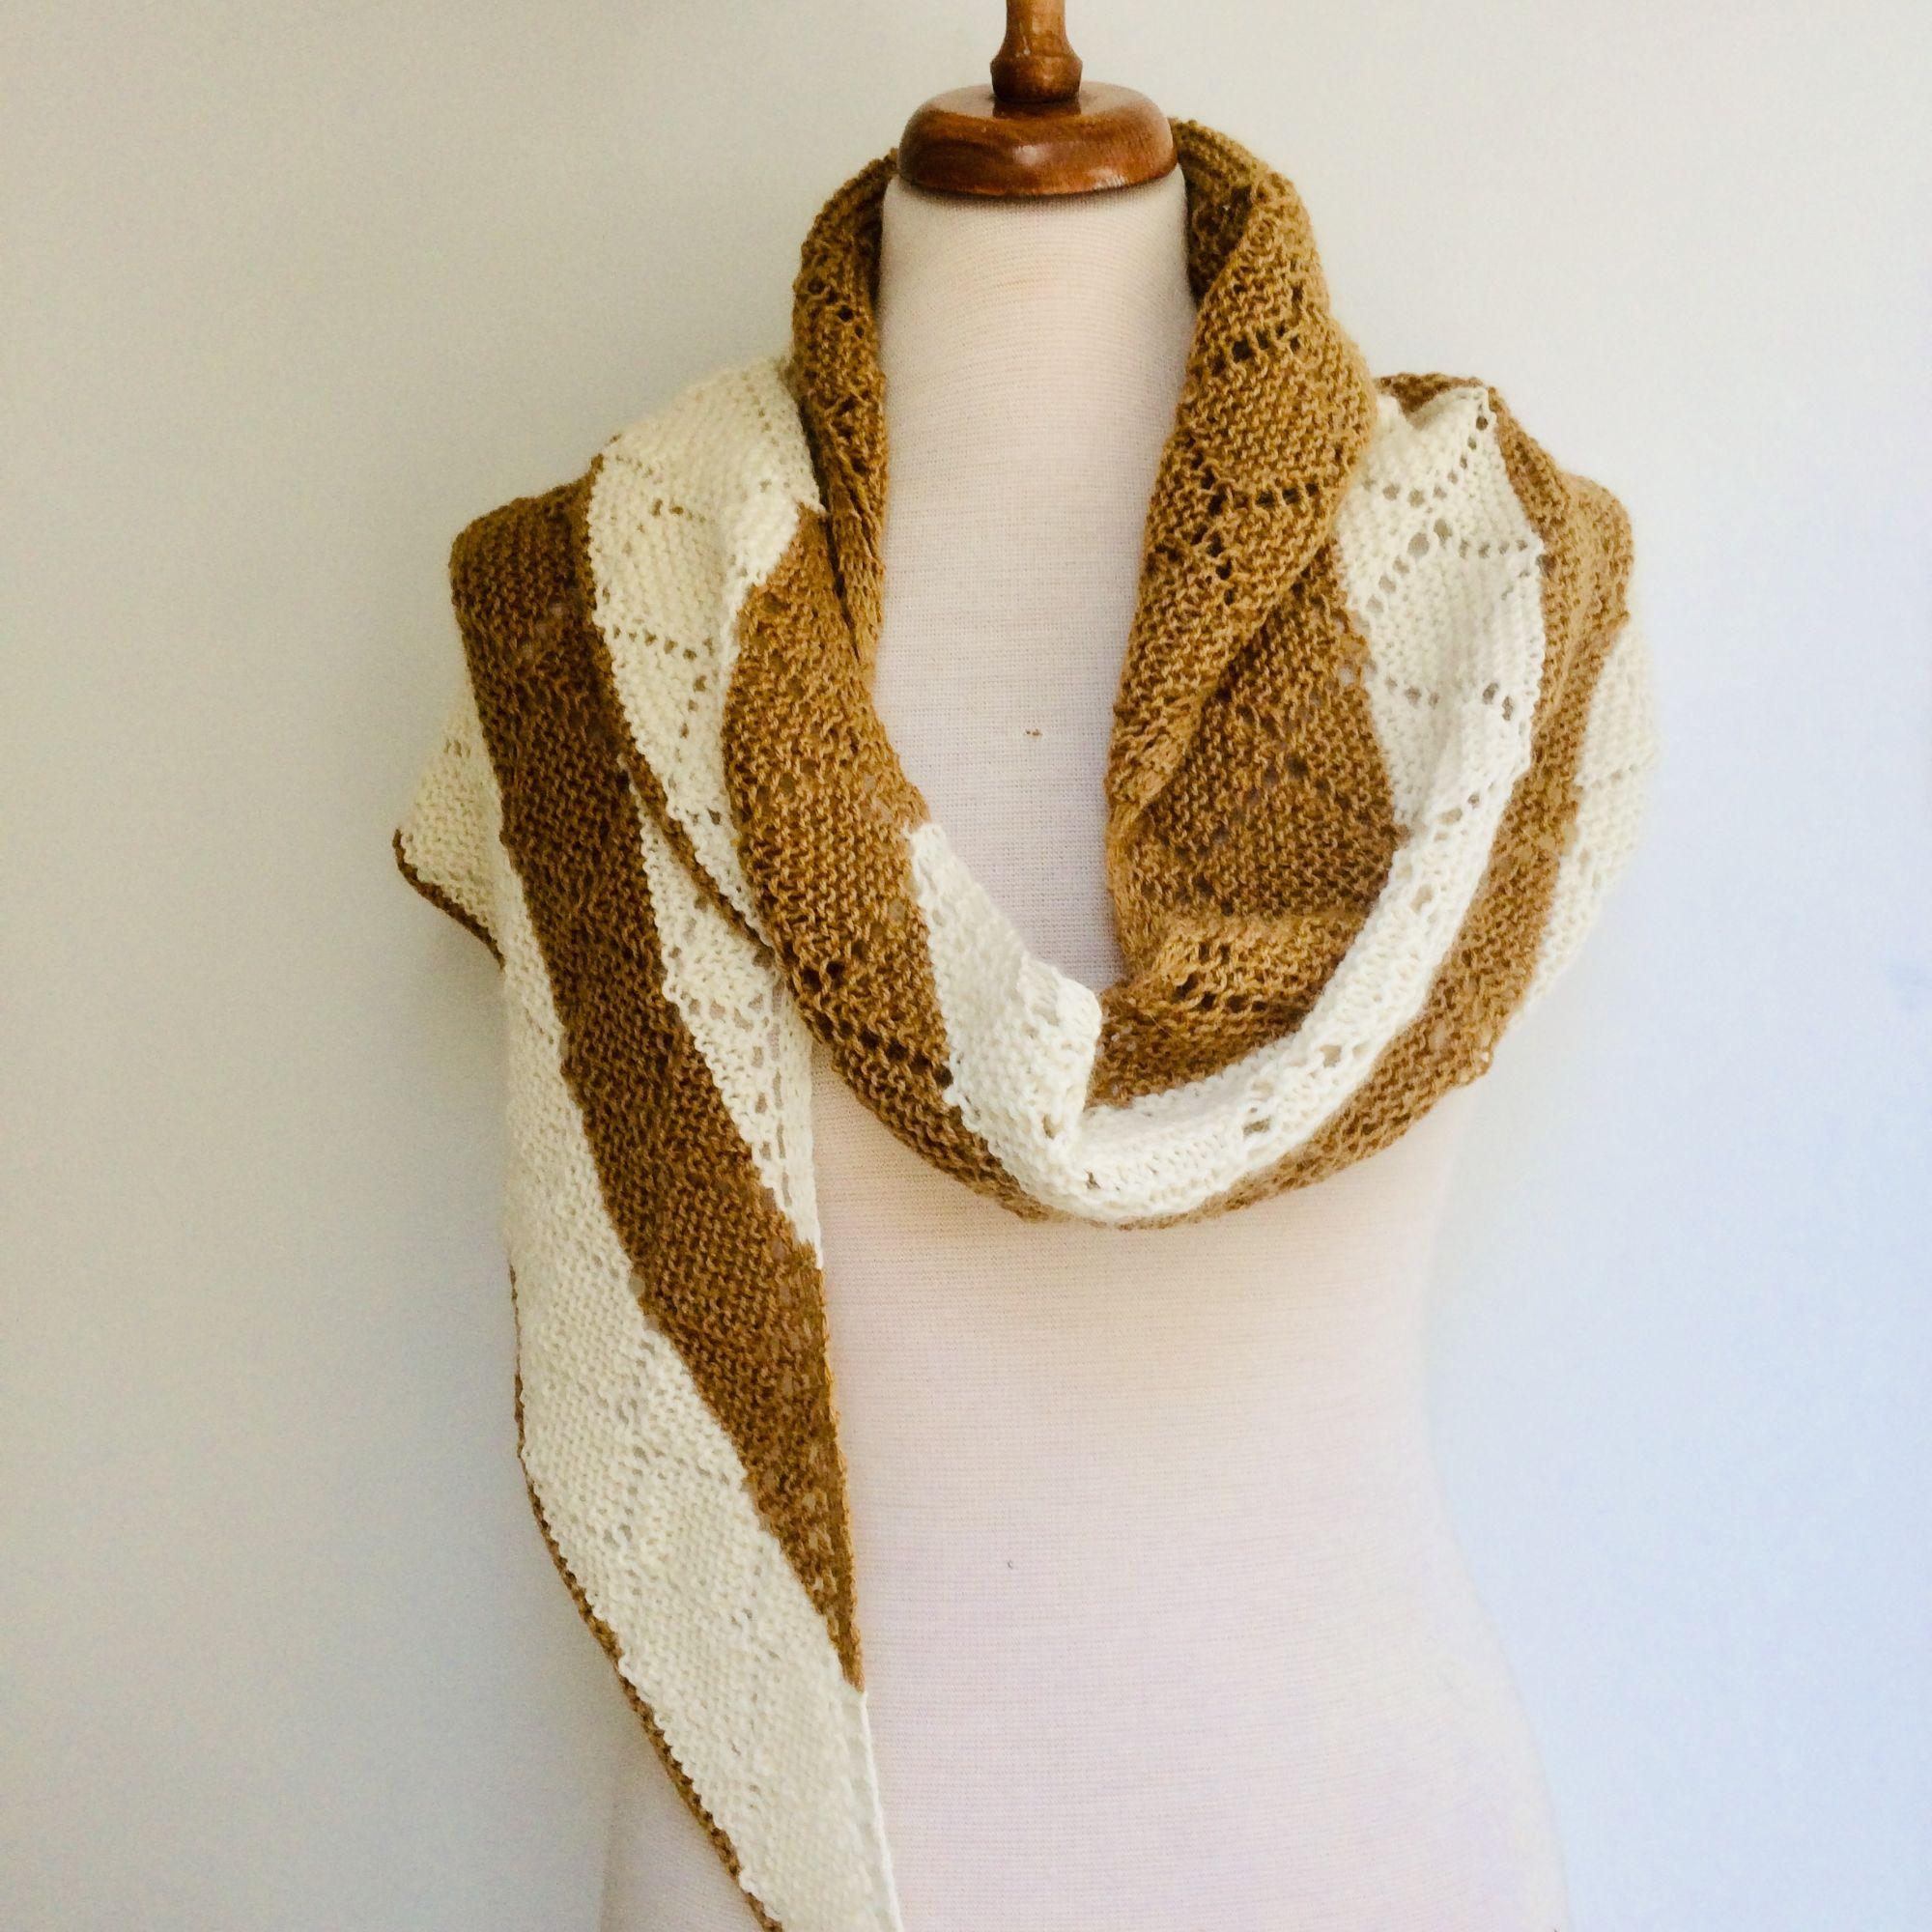 Diamon shawl Kit